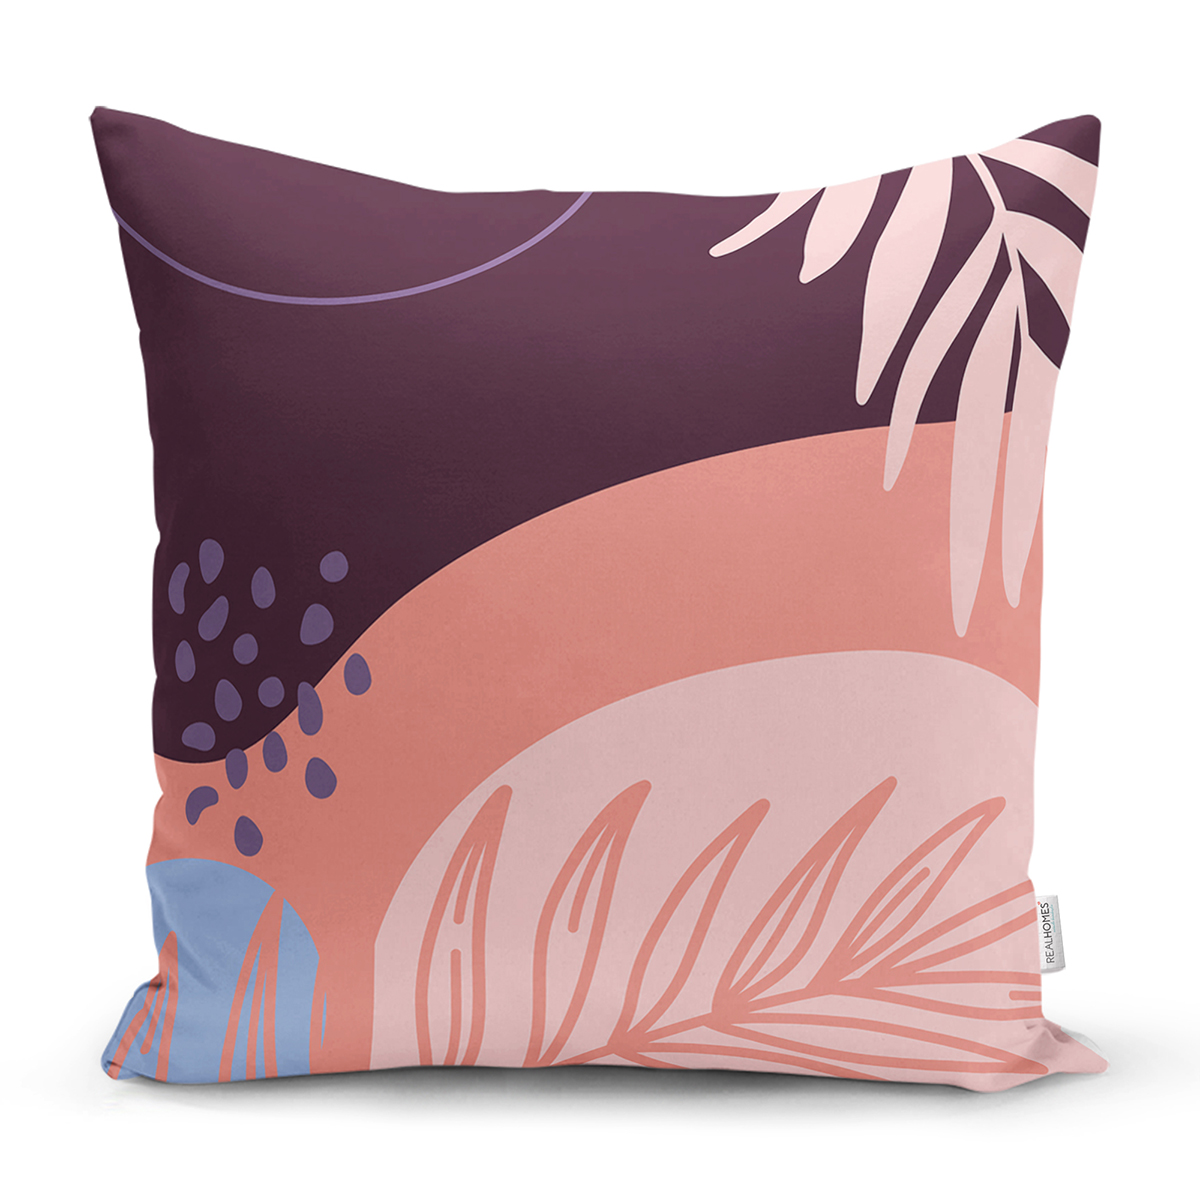 Soyut Renkli Zeminde Bohem Çiçek Motifli Dijital Baskılı Modern Yastık Kılıfı Realhomes